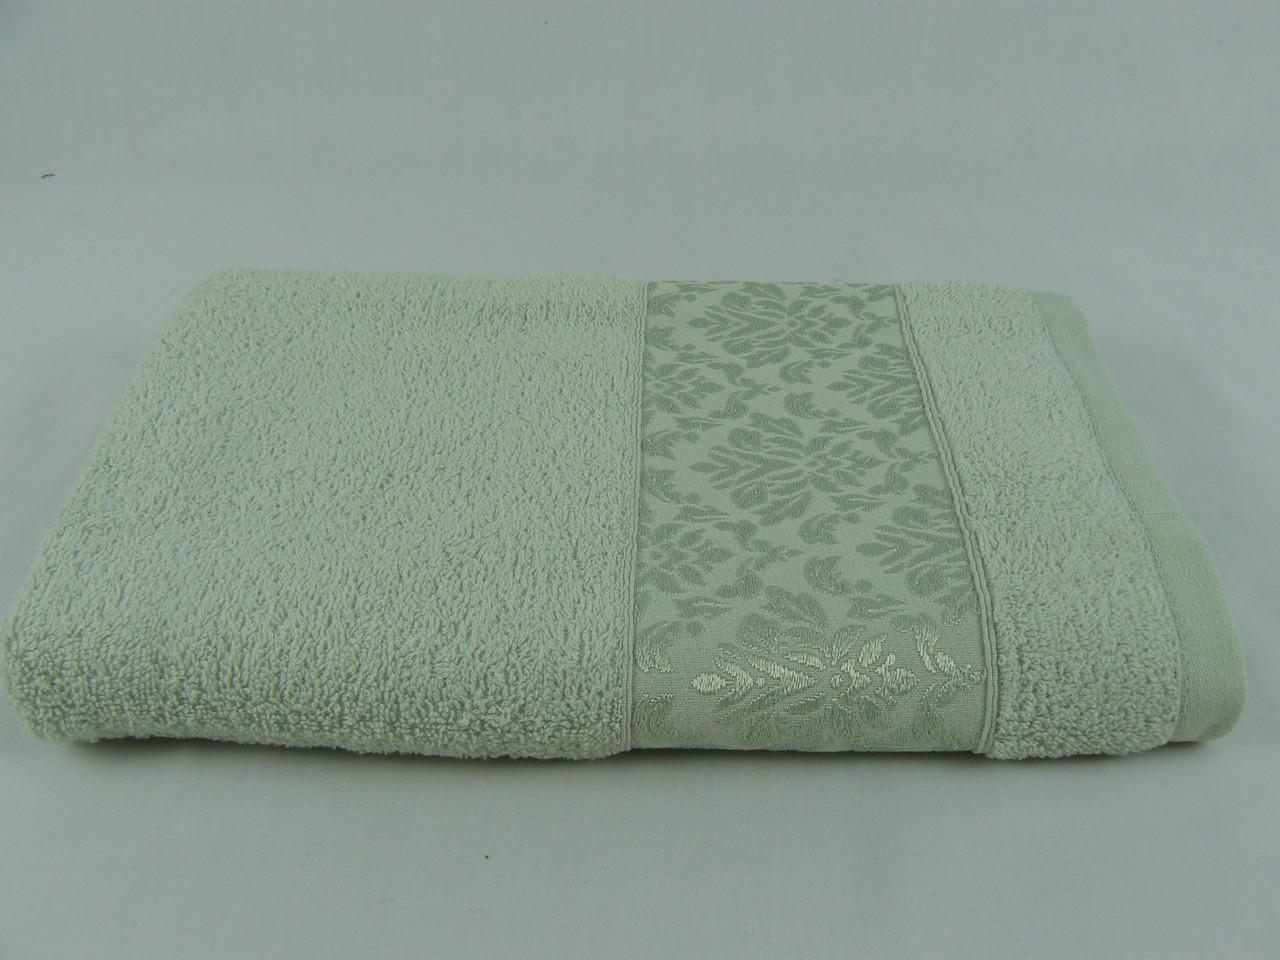 Махровое полотенце  70х140, плотность 400гр/м2